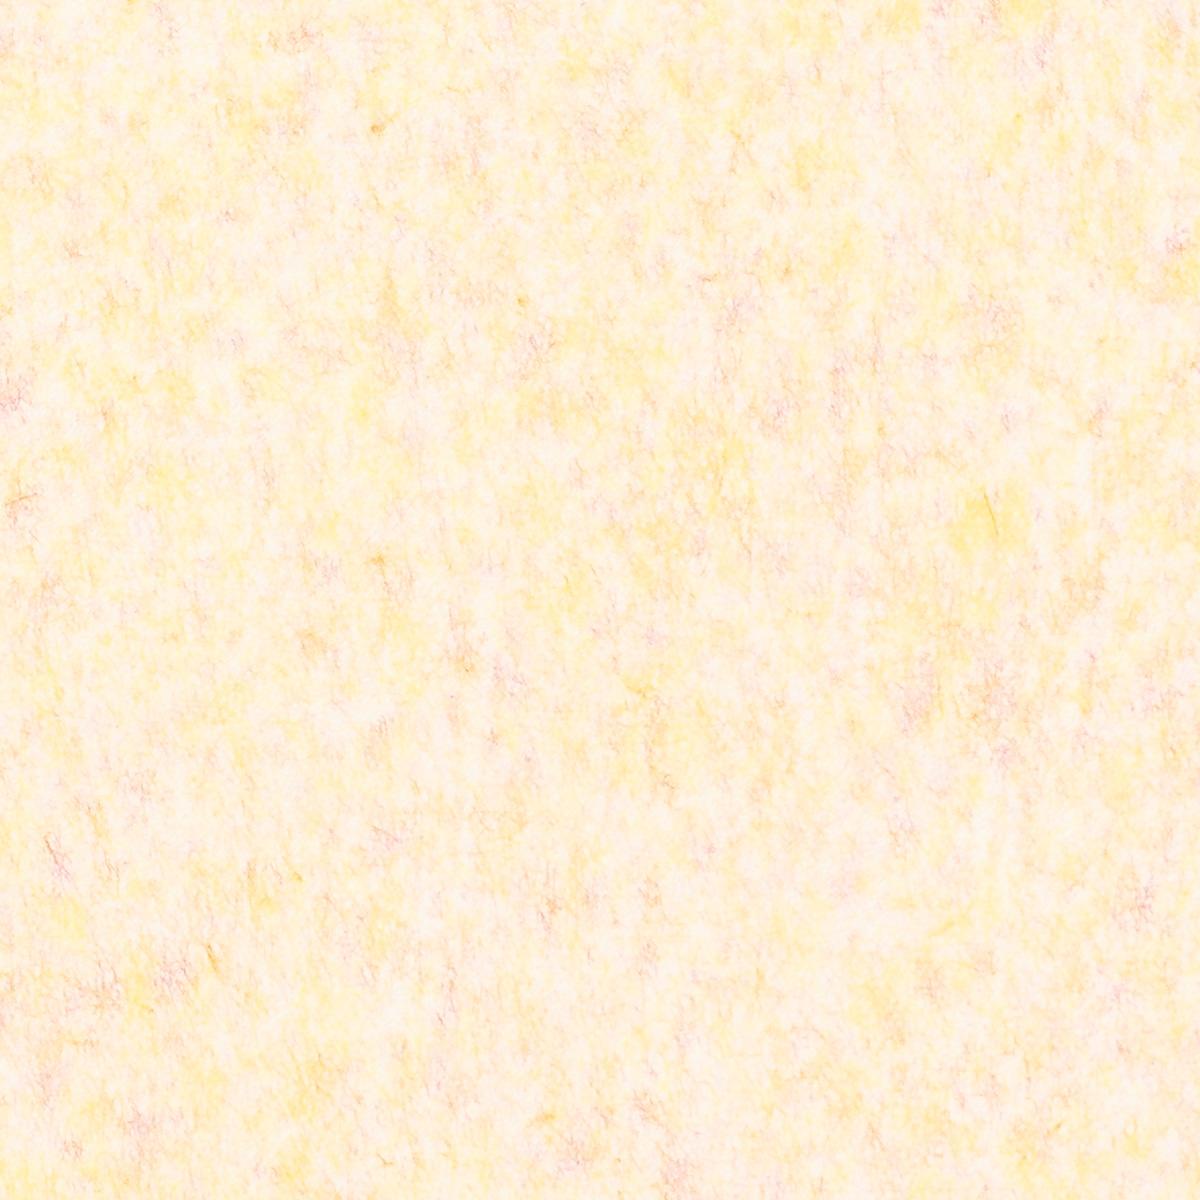 典具帖紙 ふぶき染 No.4